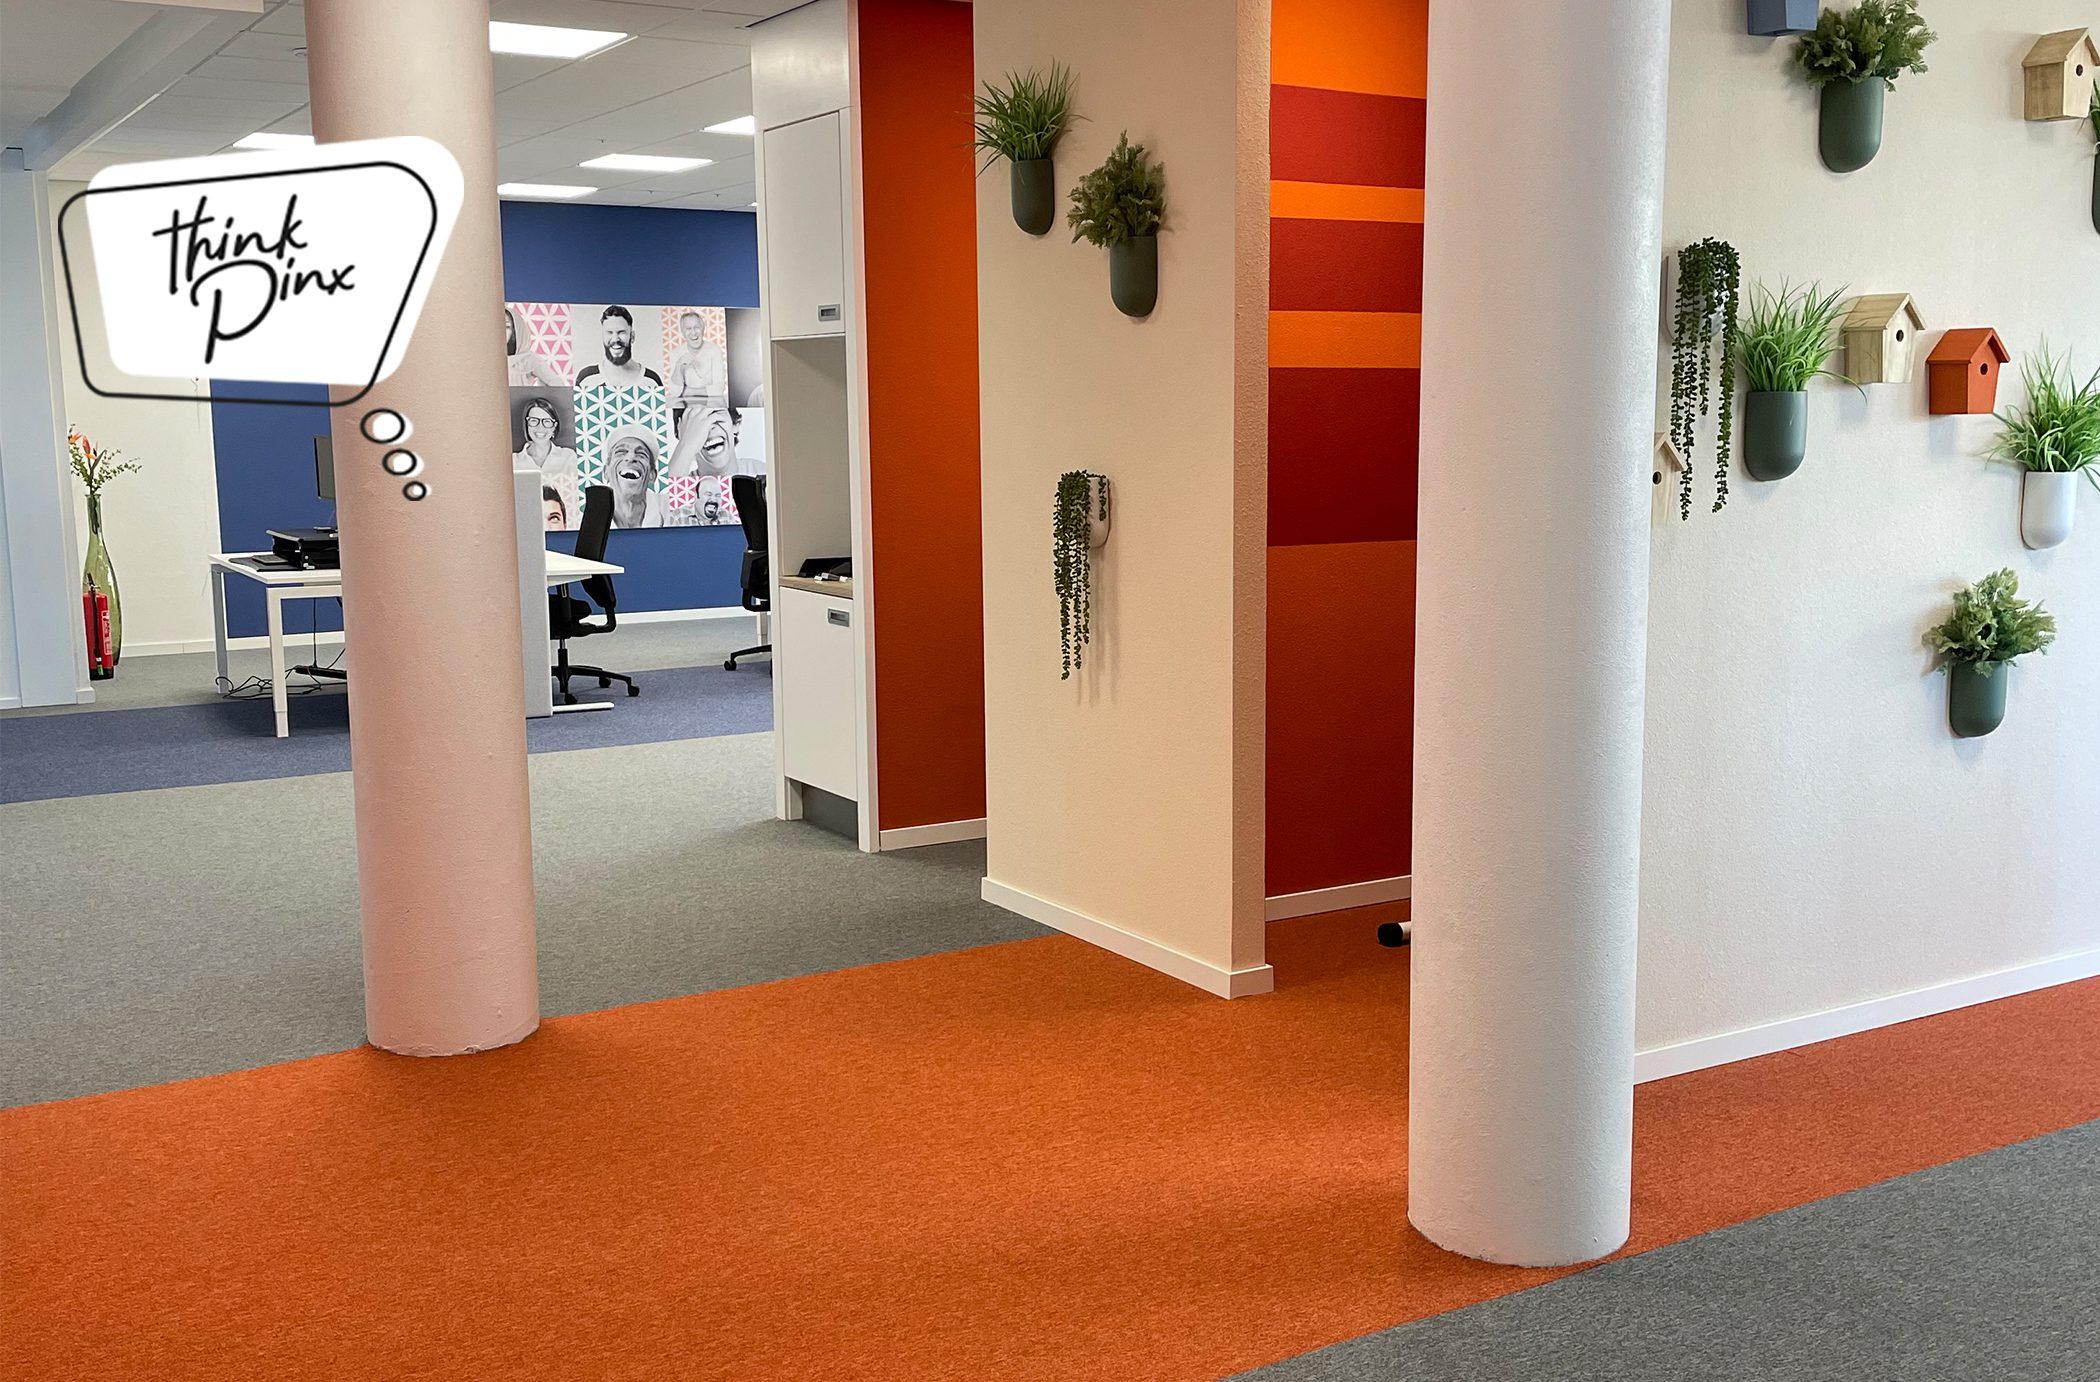 2de Spoor & De Verzuimmakelaar zijn verhuisd naar een nieuw kantoorpand in Uden.